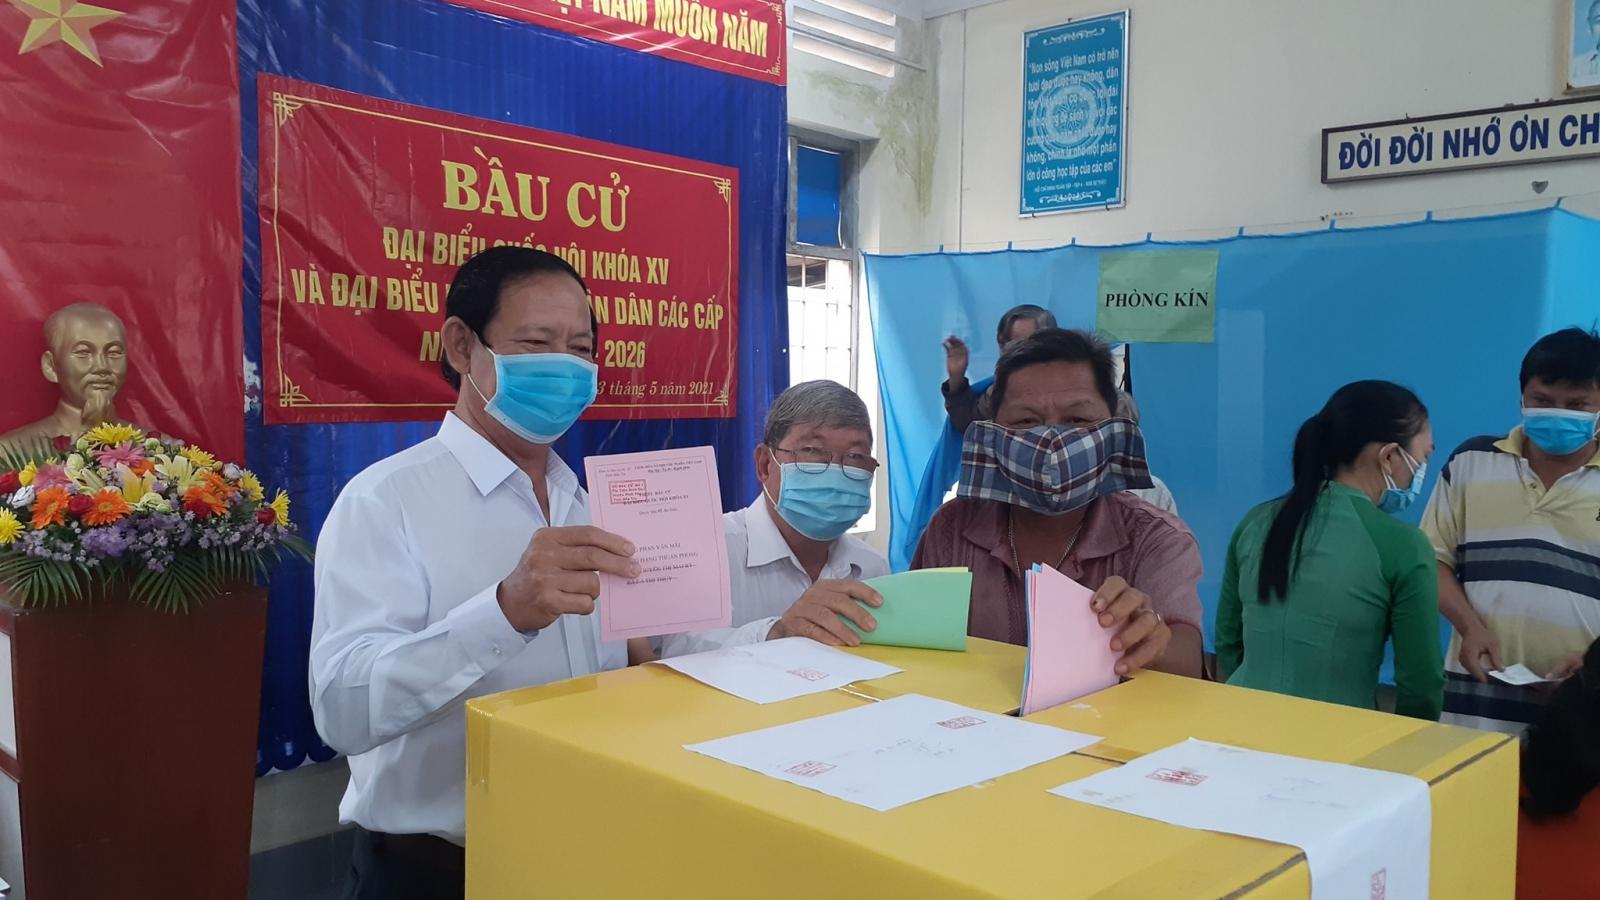 Tiền Giang và Bến Tre công bố kết quả bầu cử HĐND tỉnh